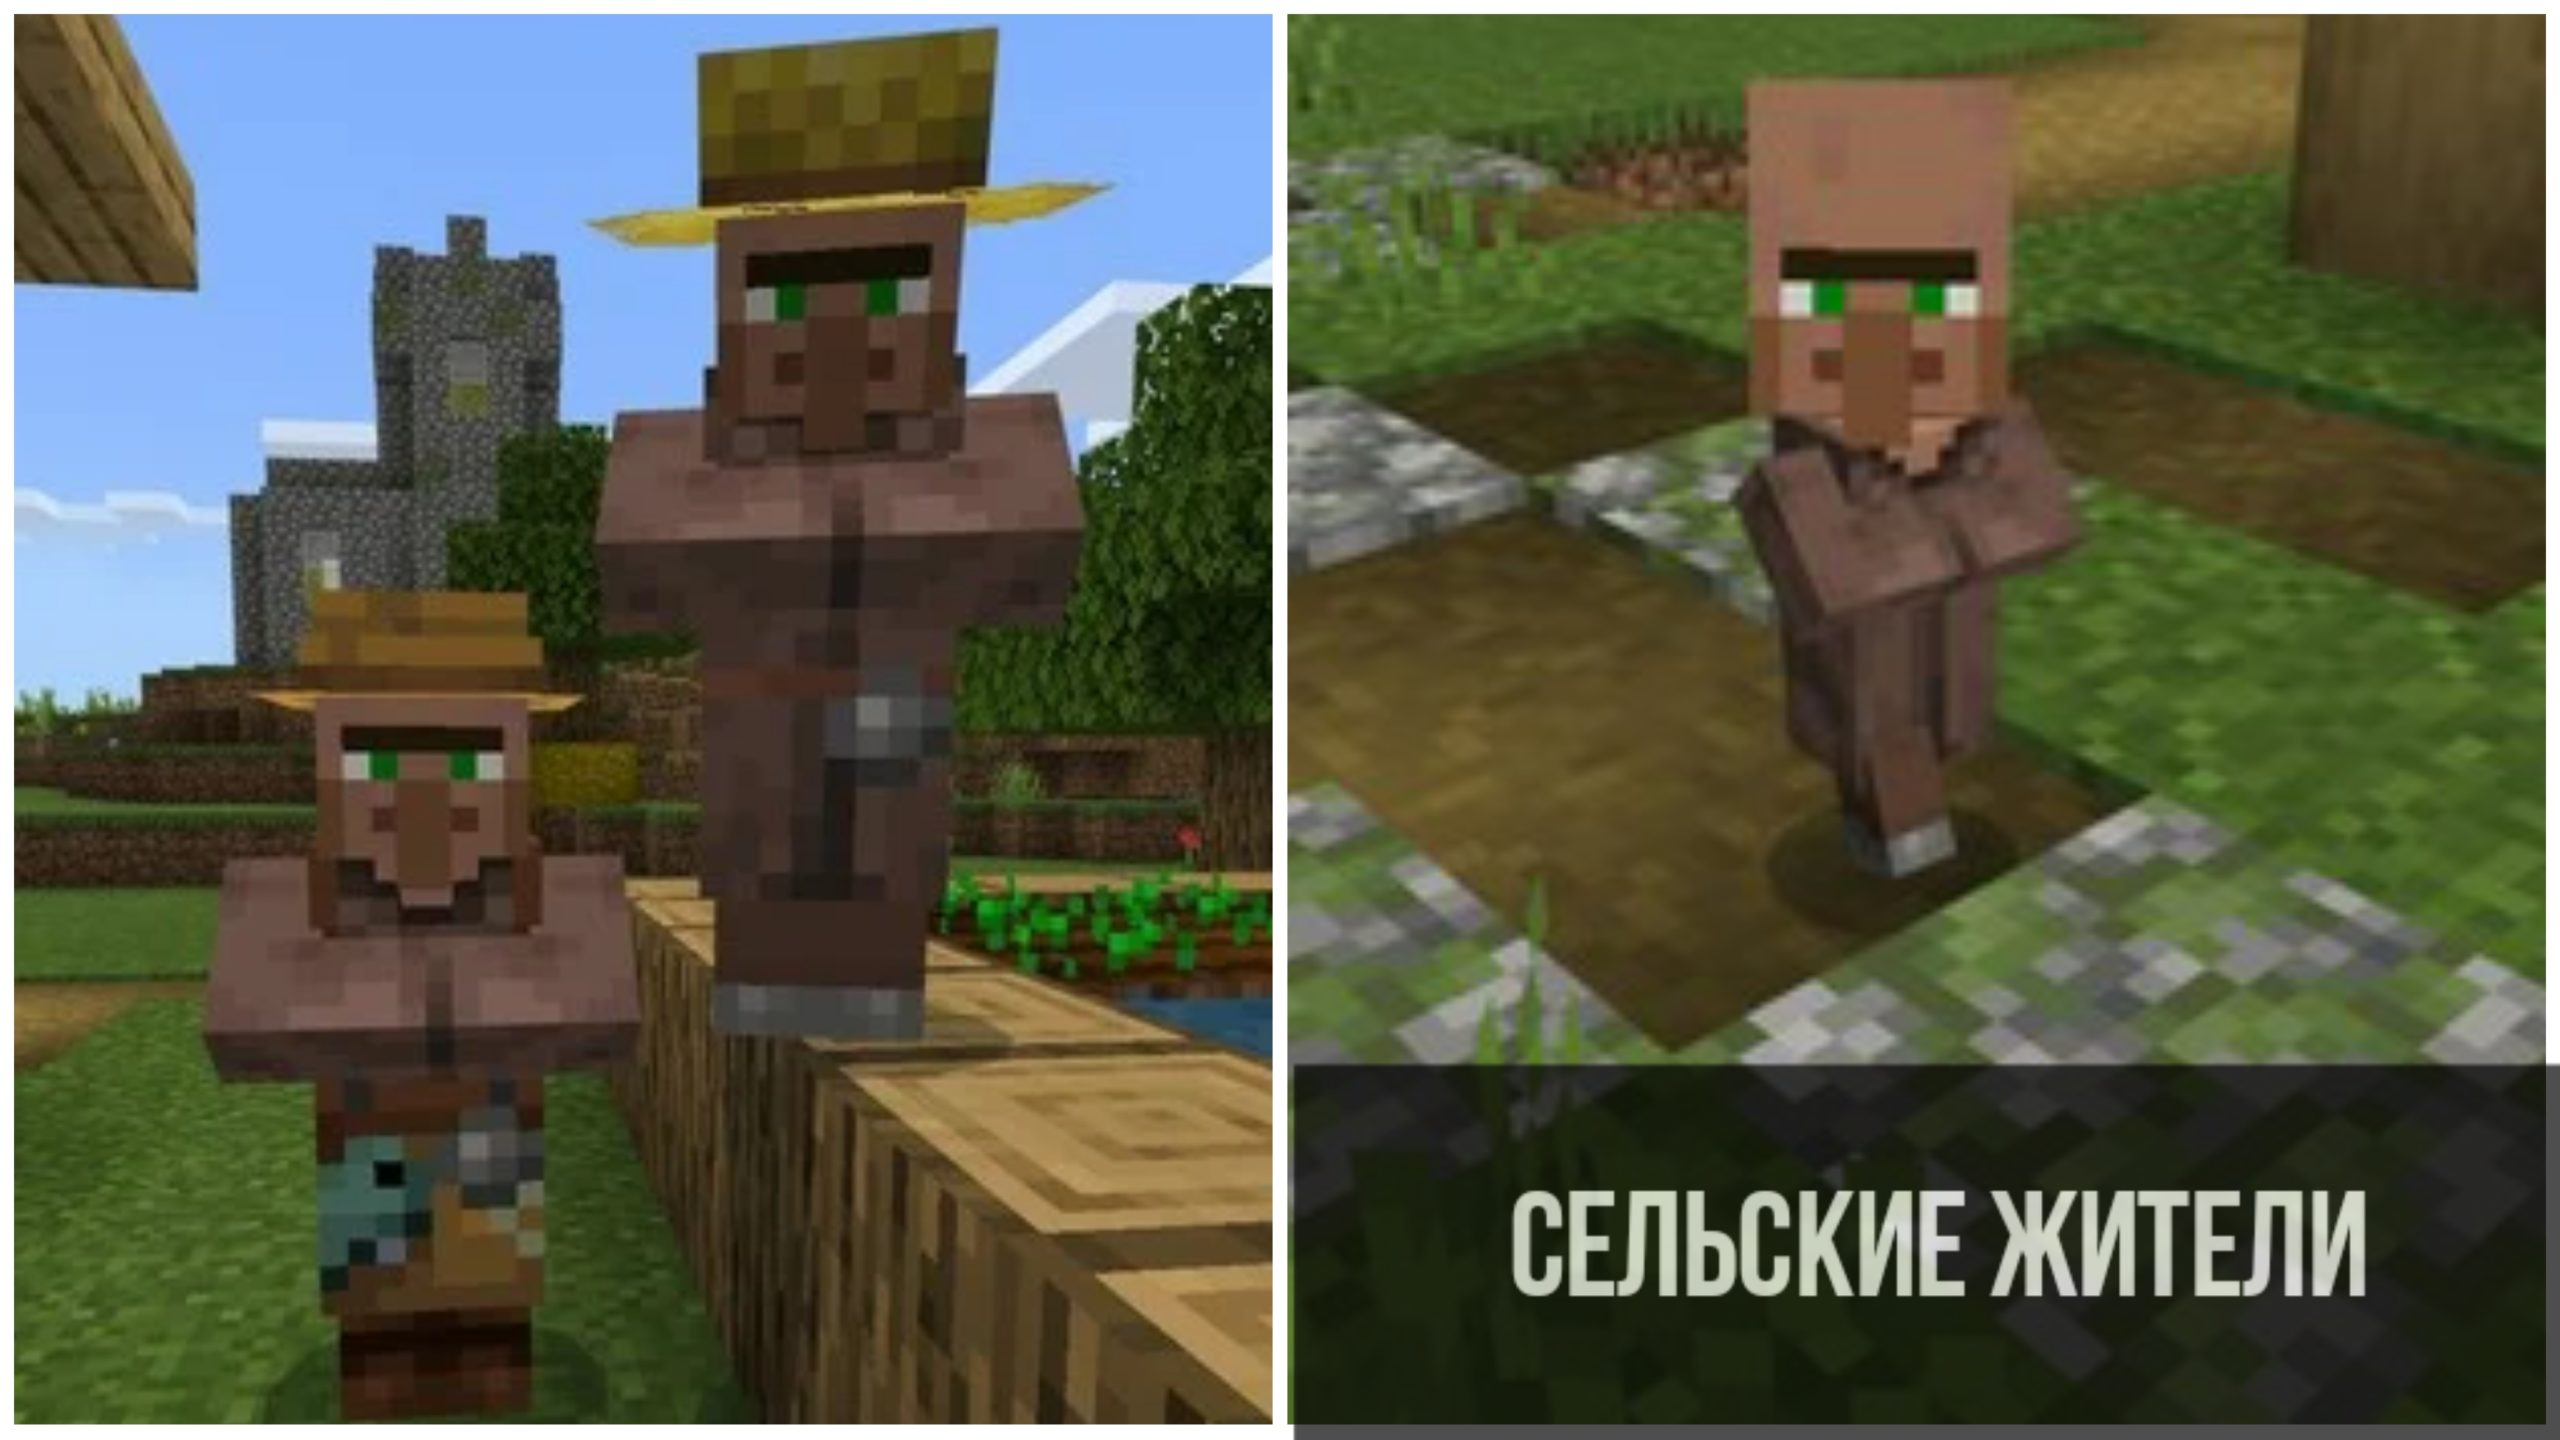 Сельские жители в Minecraft PE 1.11.0.4